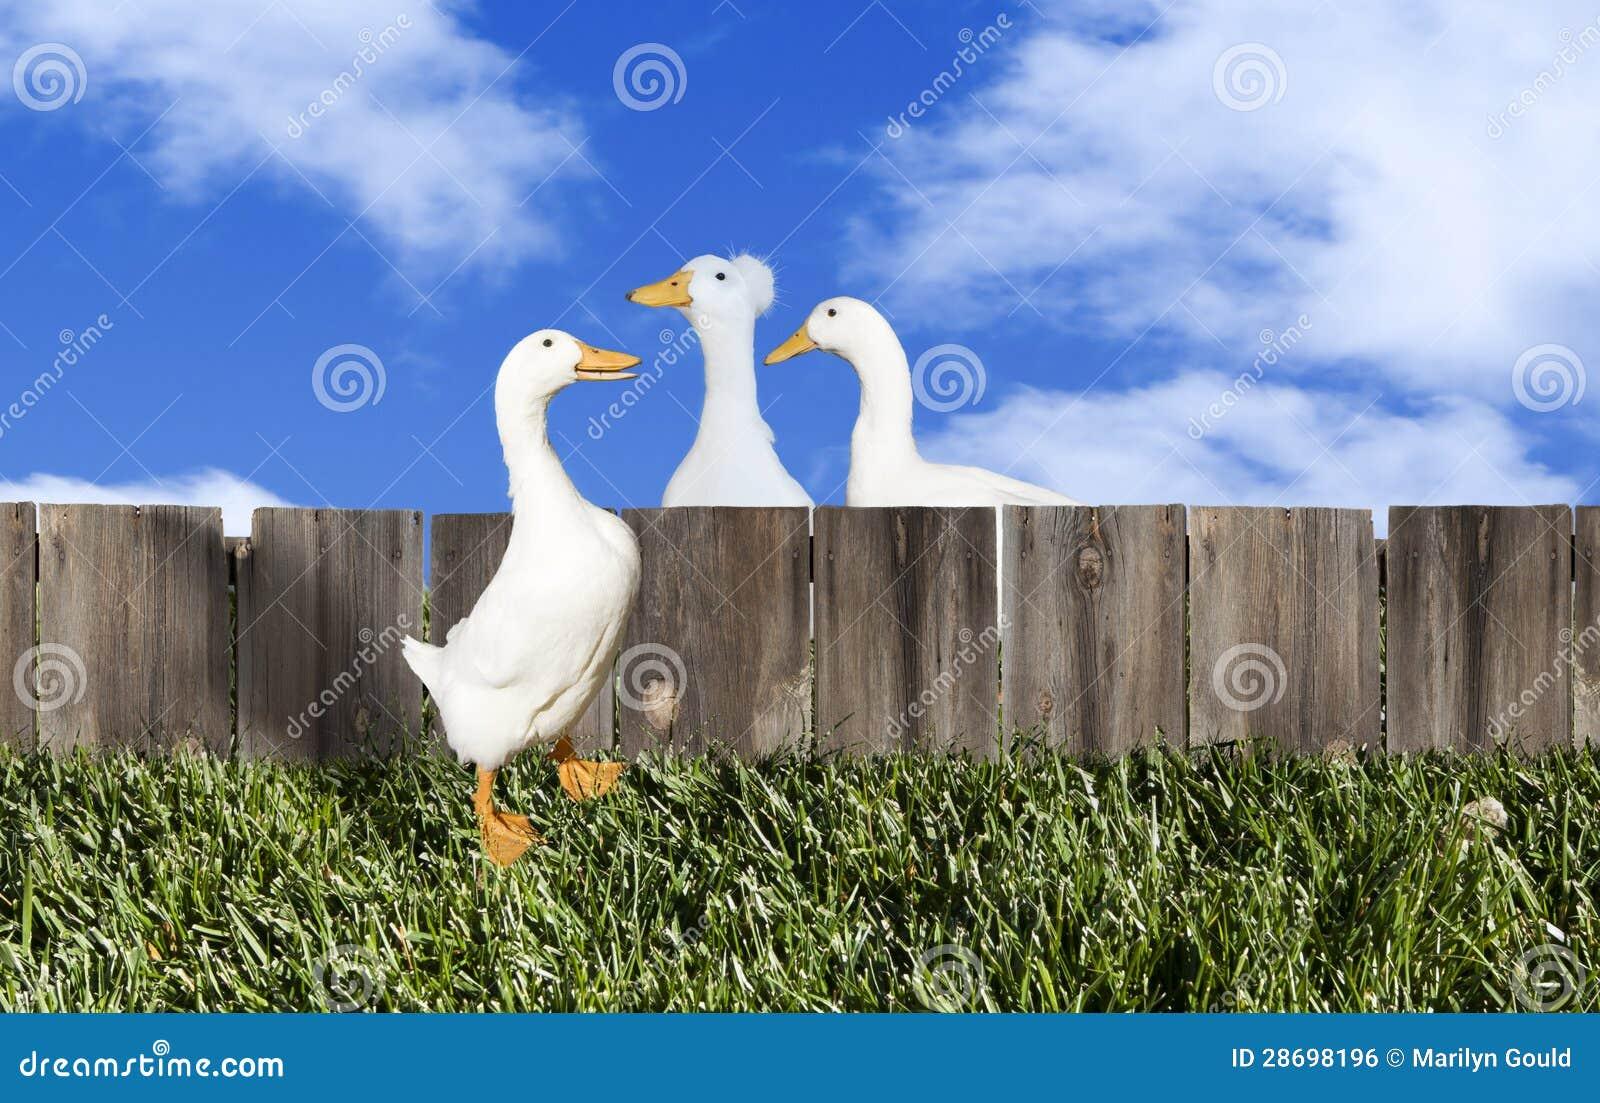 Drei Enten Zaun Stockfoto Bild Von Spass Plaudern Lustig 28698196